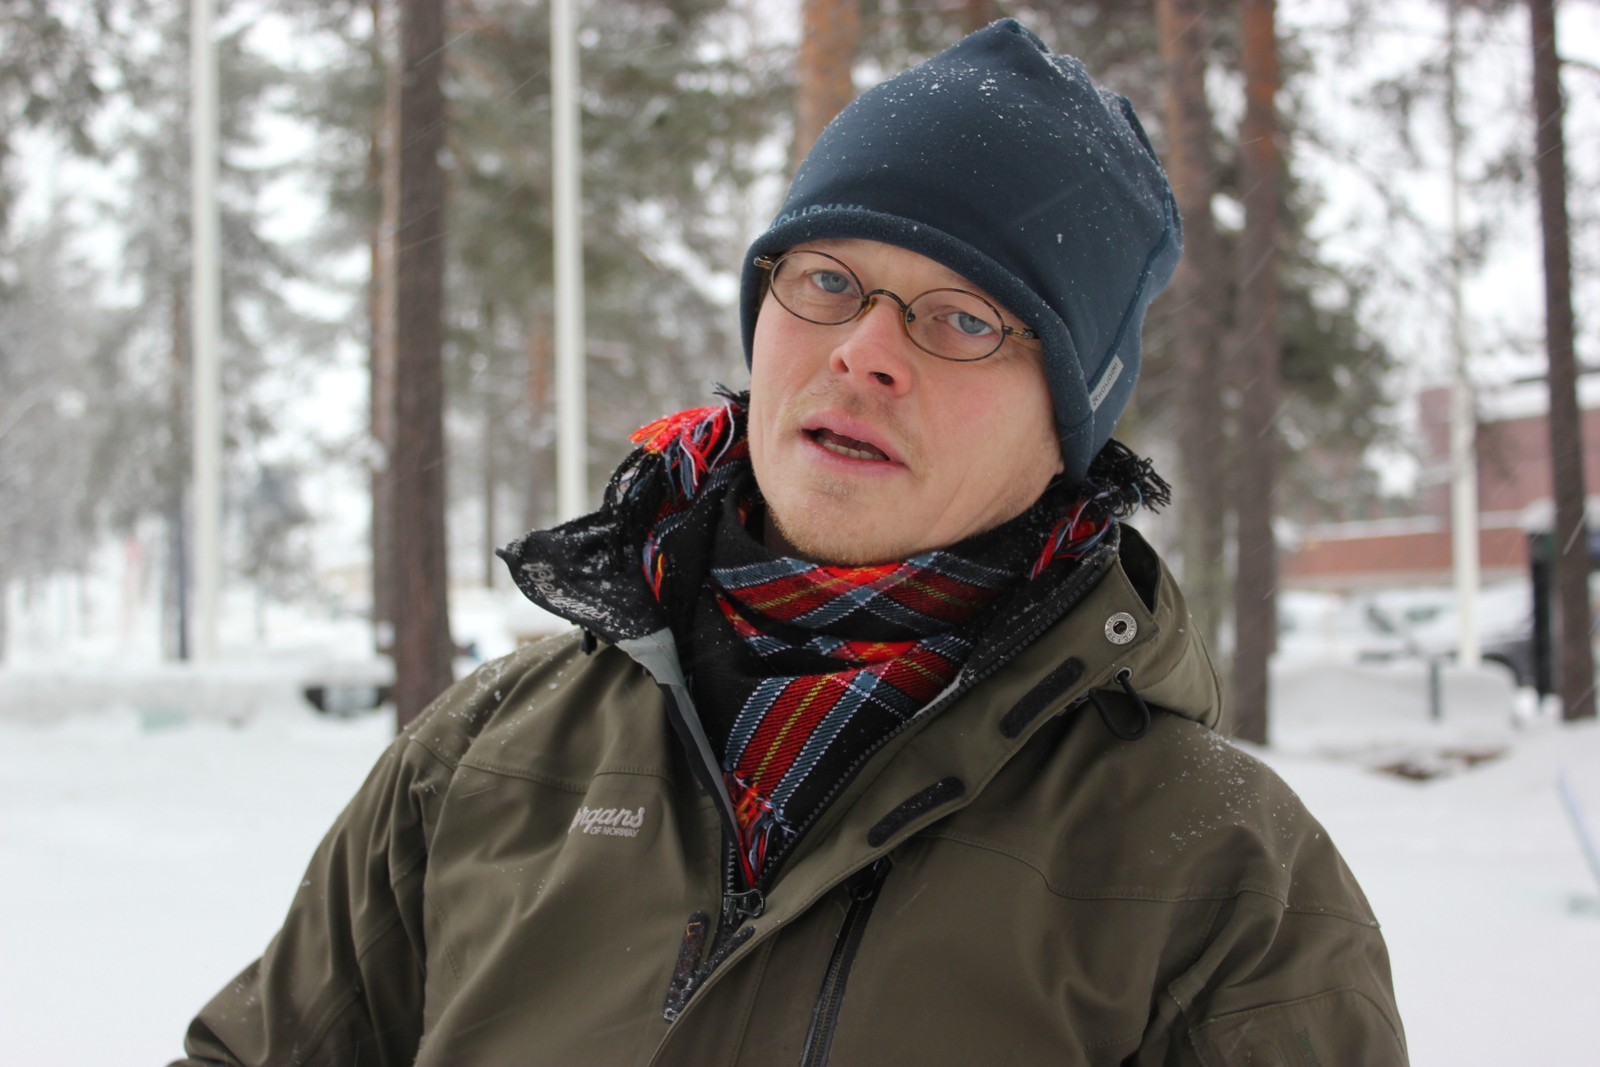 Operasanger Ánndaris Rimpi ved GöteborgsOperan pleier å feire samenes nasjonaldag hjemme i Göteborg ved å ta ta på seg kofta, spise reinkjøtt og synge den samiske nasjonalsangen. I år er han for første gang i Jokkmokk under vintermarkedet. Nasjonaldagen feirer han ved å synge den samiske nasjonalsangen på lulesamisk for oss og ved å delta på fellesarrangementet.